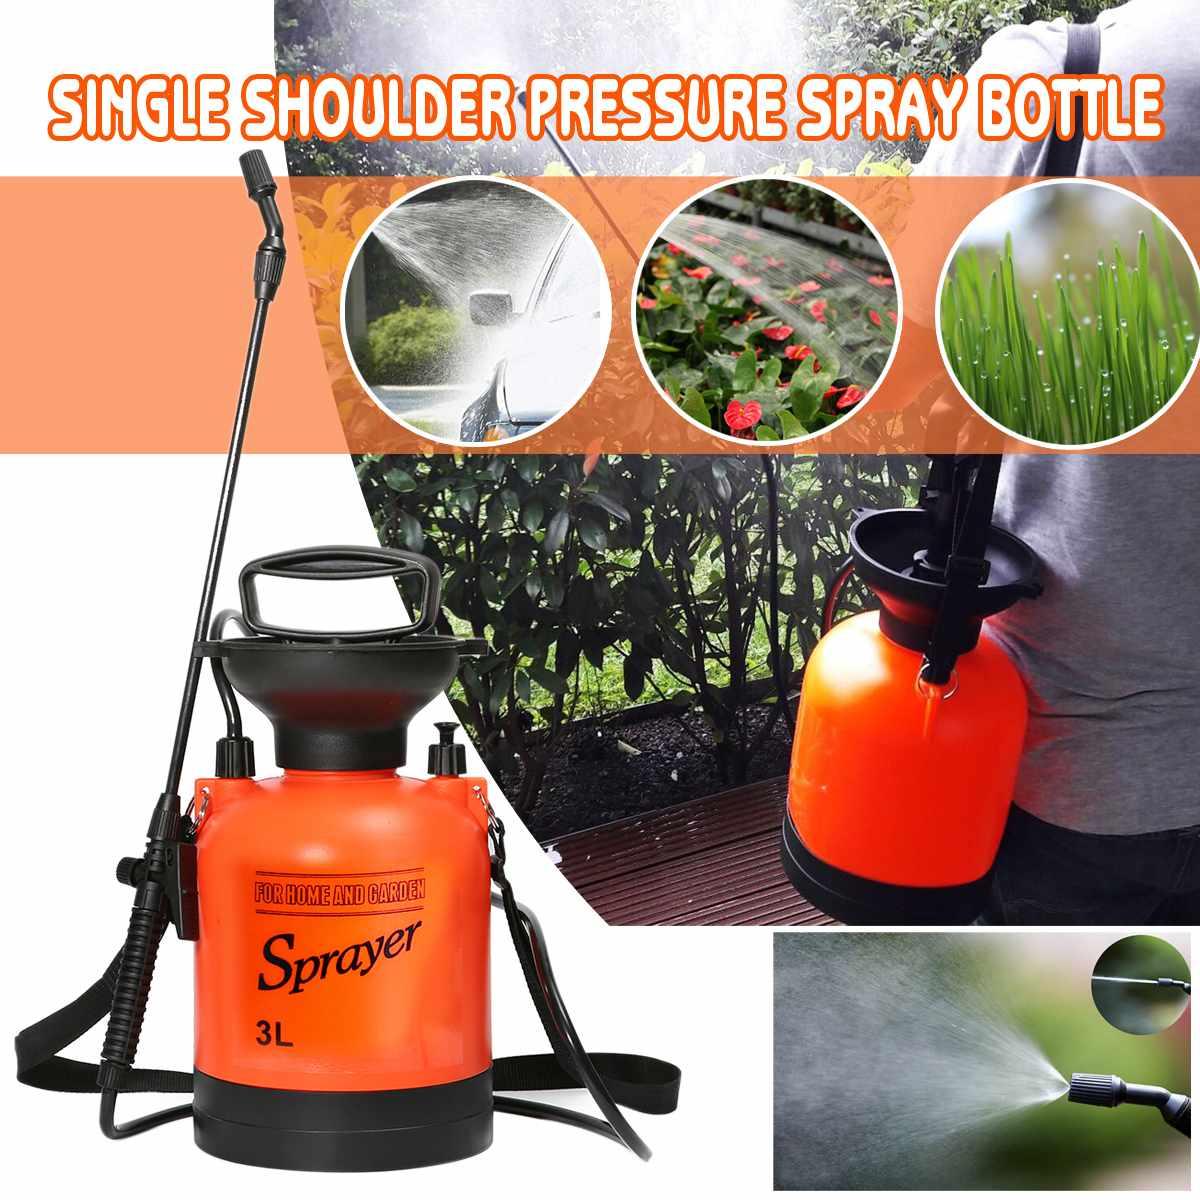 Садовый распылитель тип воздушного давления с плечевым ремнем для сельского хозяйства садовый инструмент использовать садовый распылитель давления 0,8 галлонов